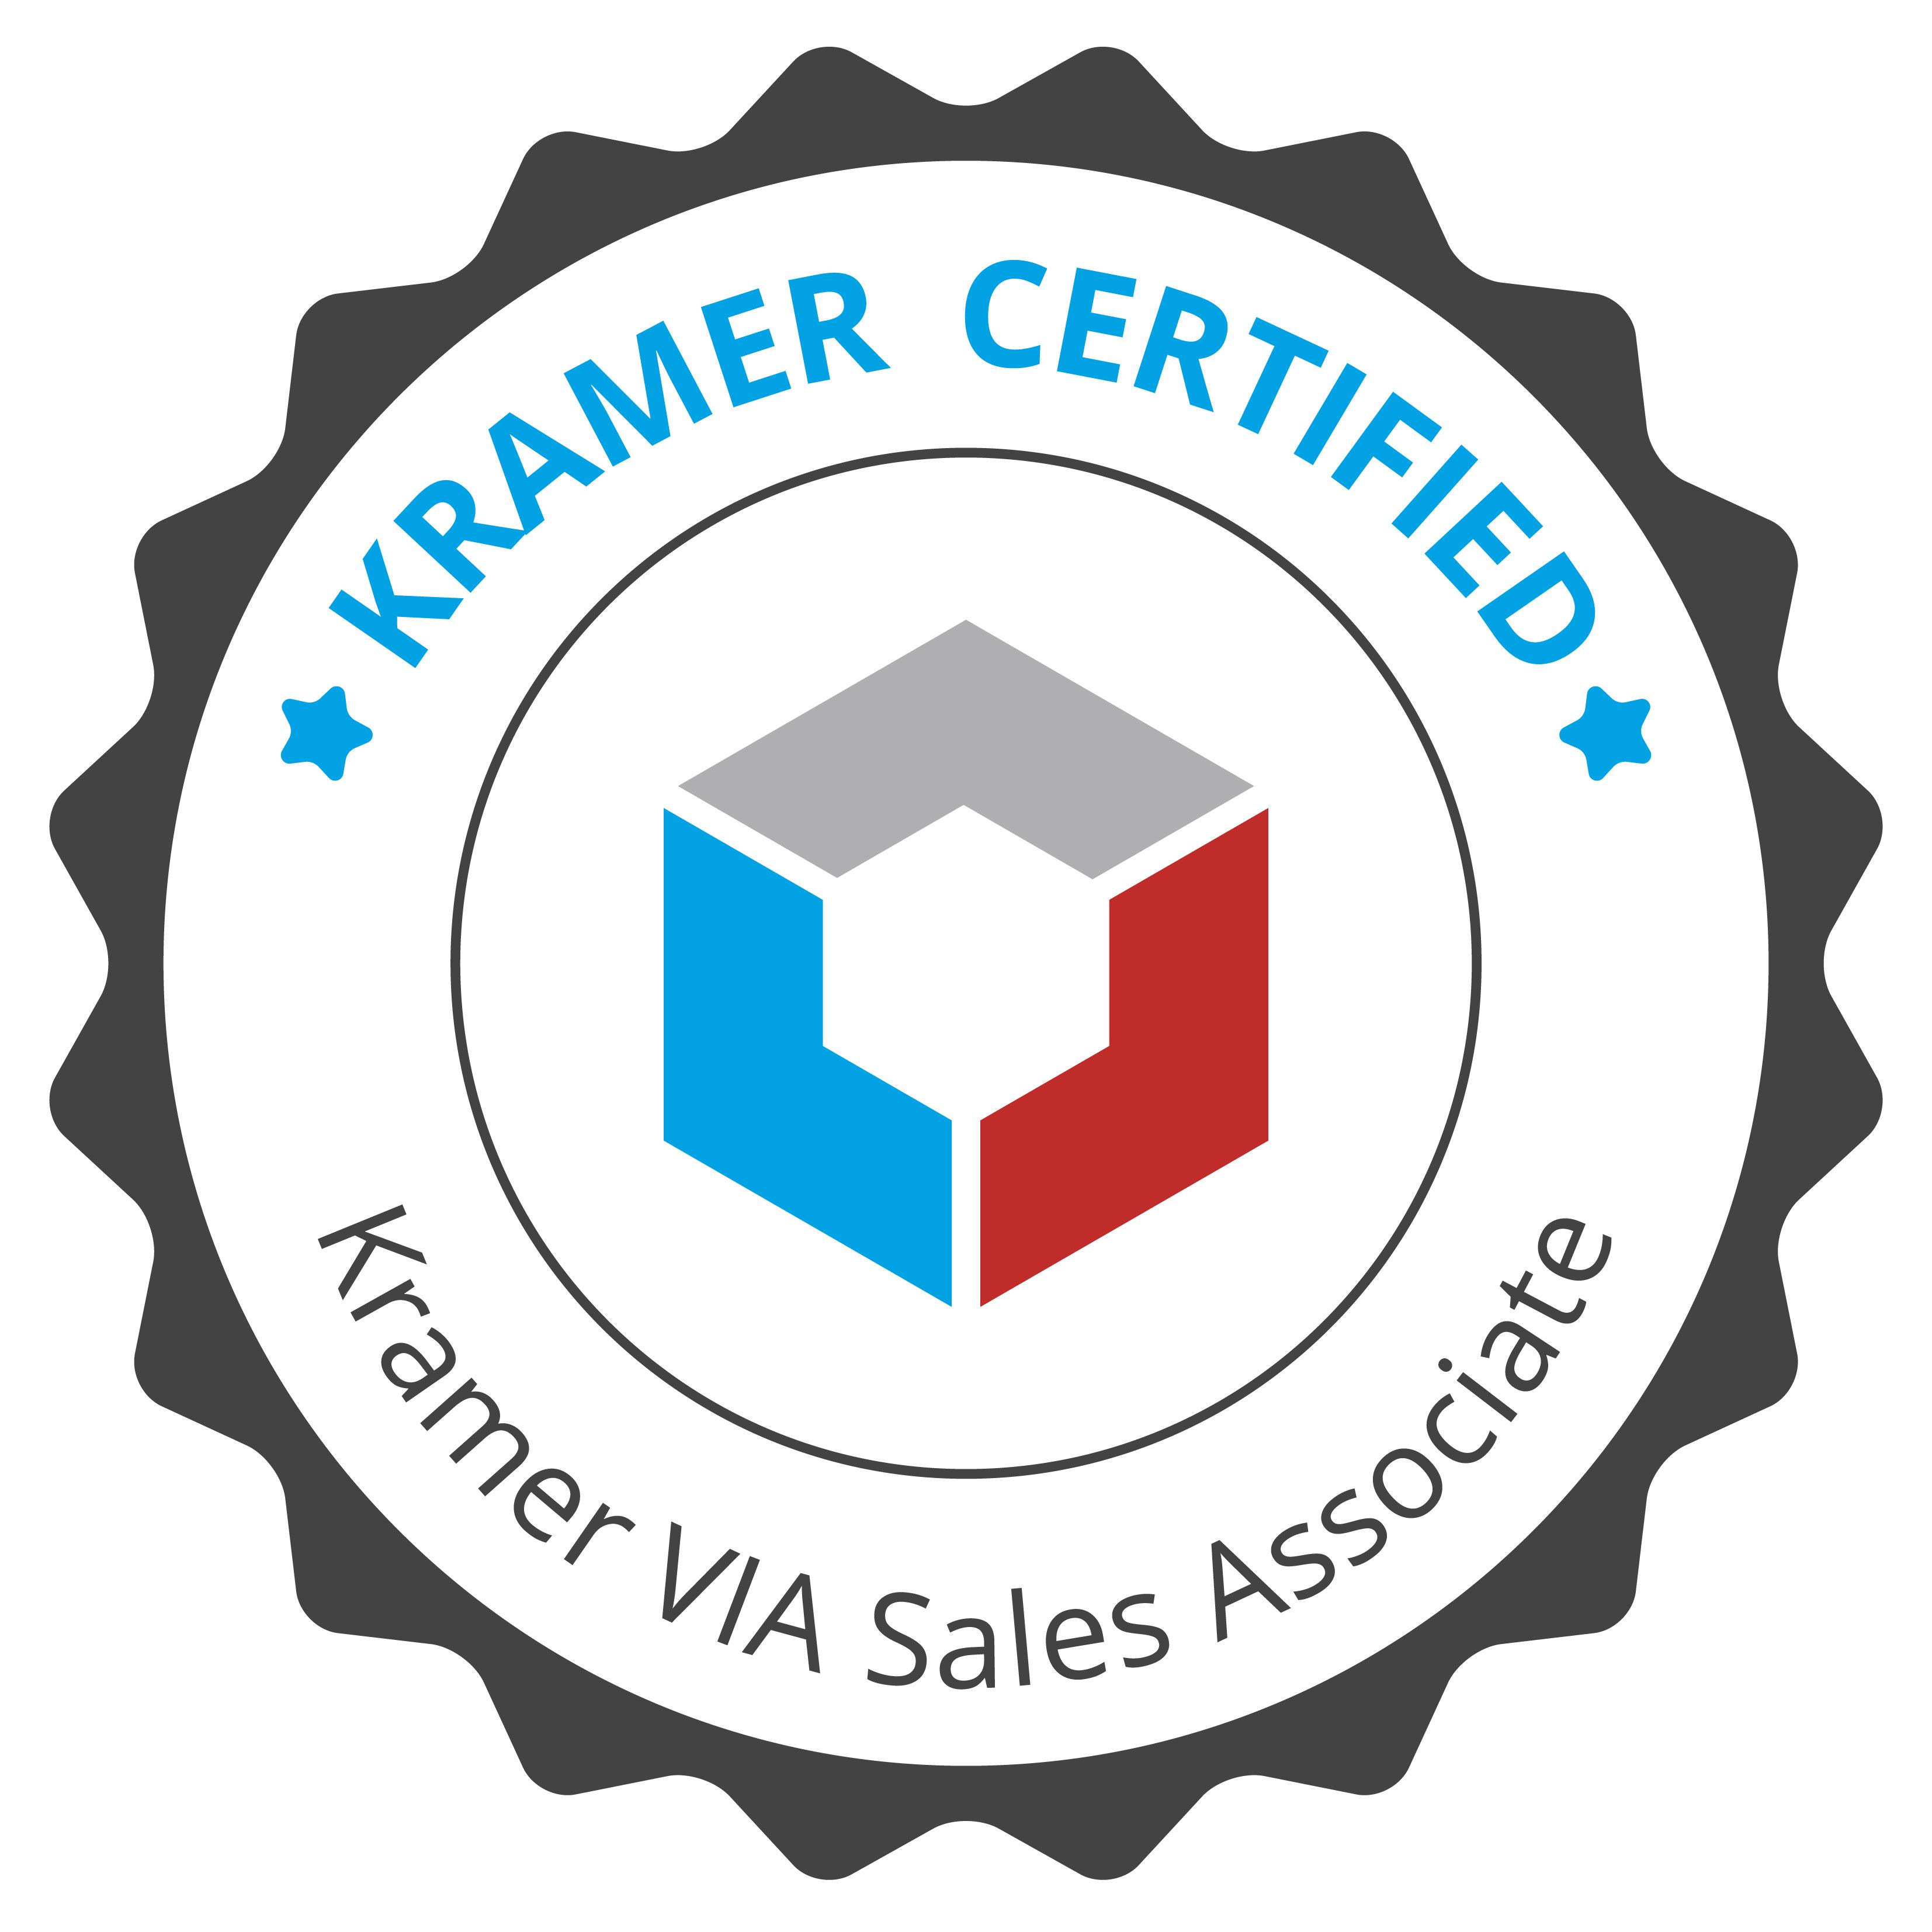 VIA Sales Associate